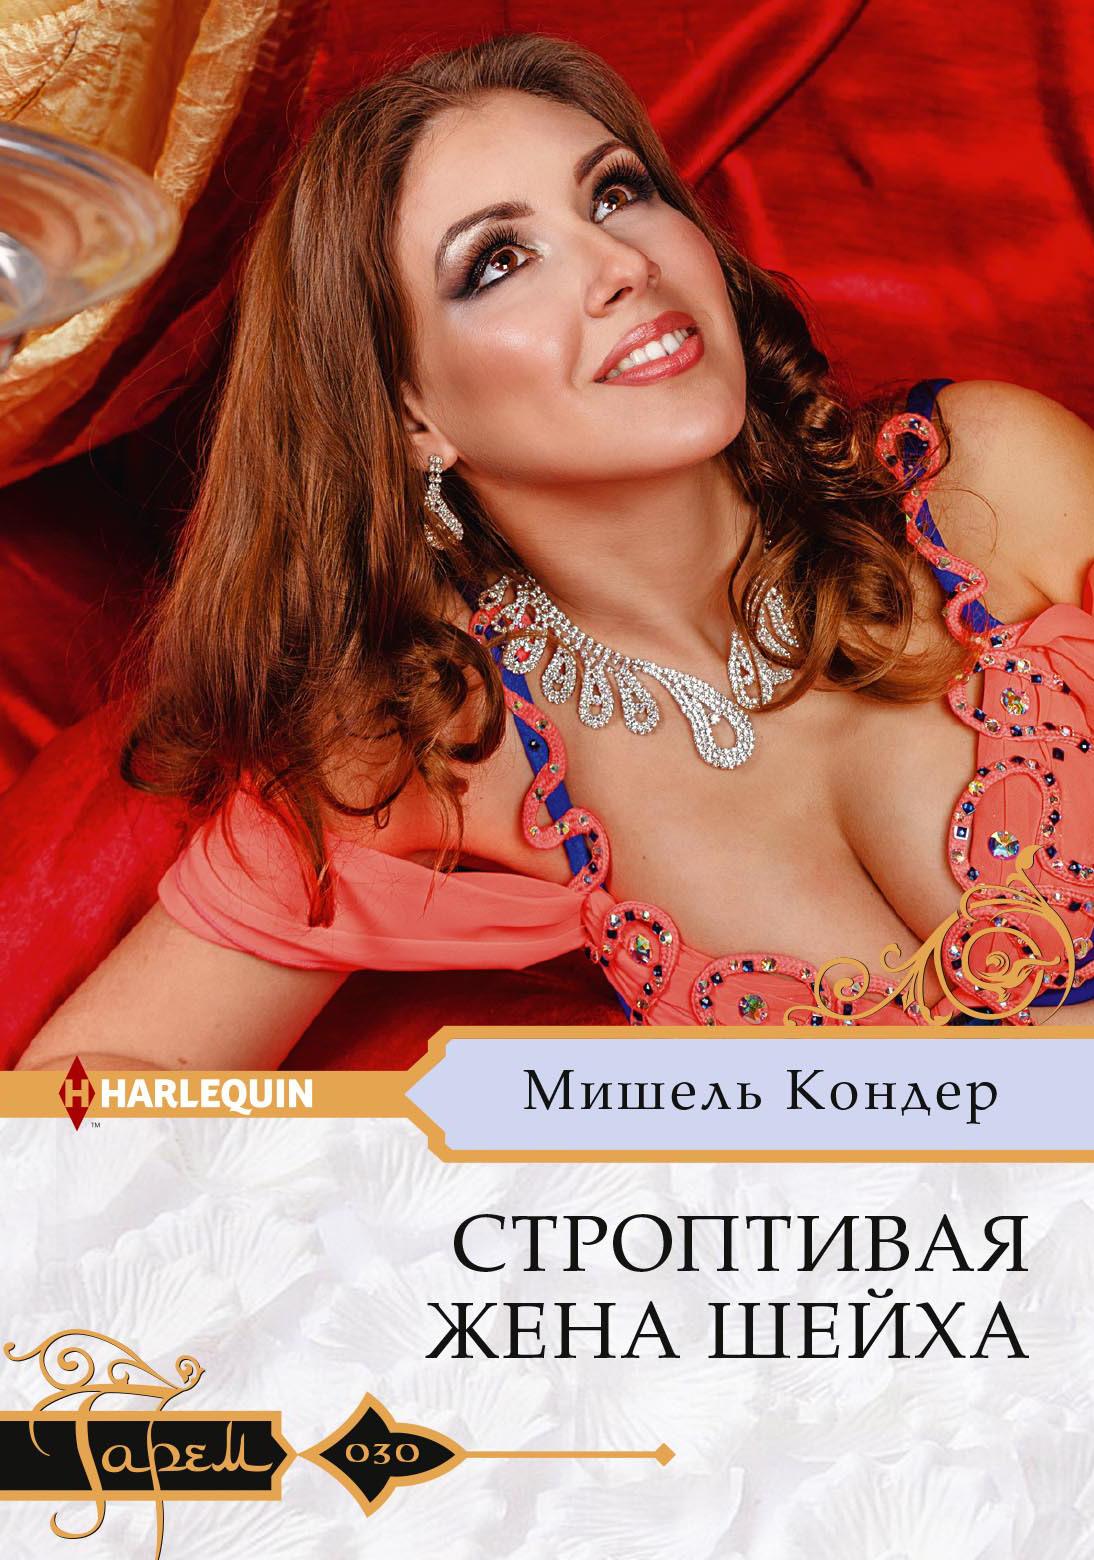 Купить книгу Строптивая жена шейха, автора Мишель Кондер